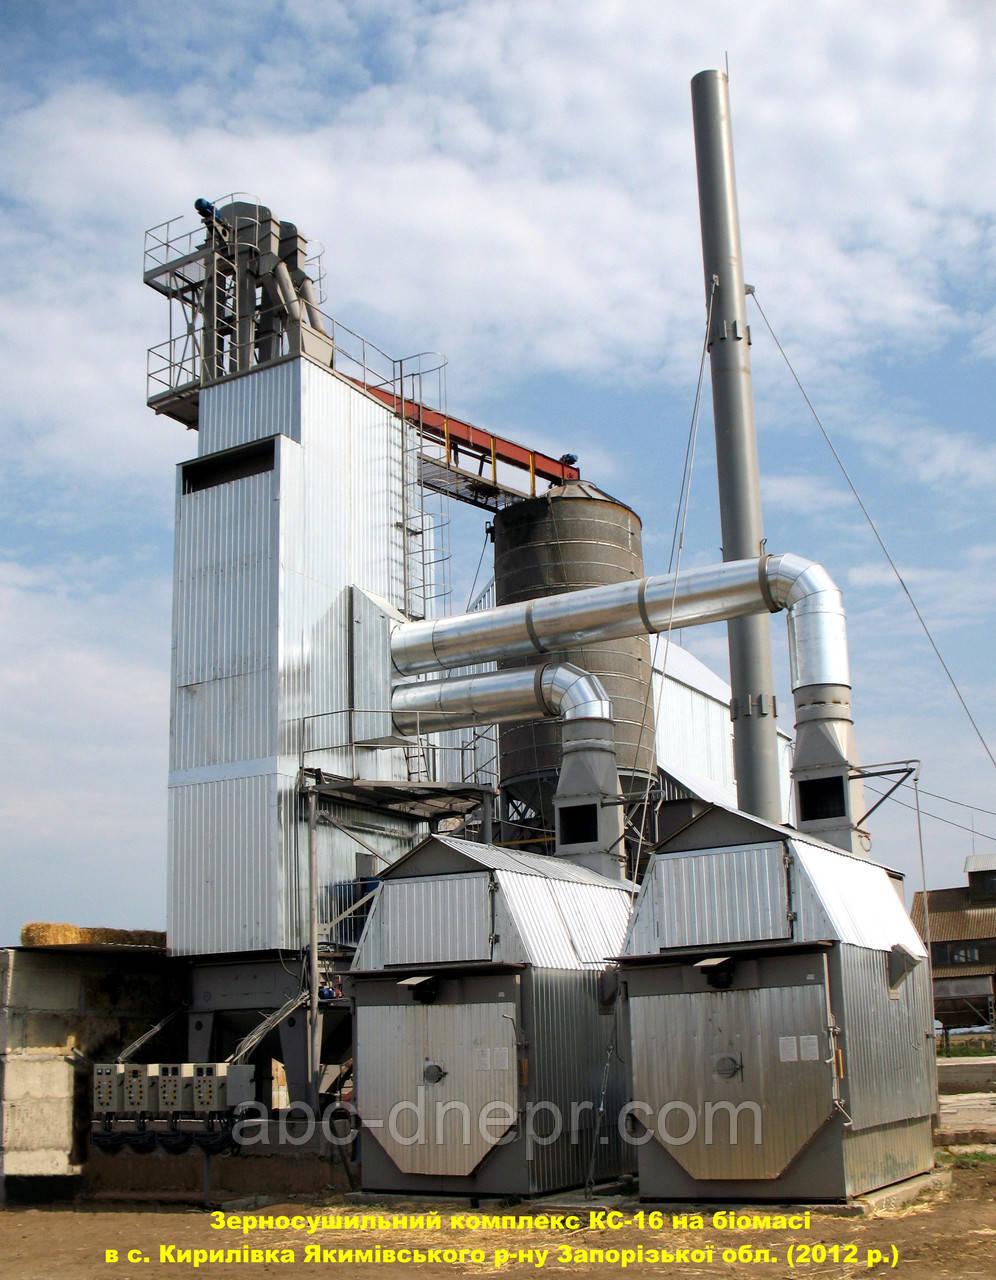 Реконструкция зерносушилки- перевод с газового топлива на твердое